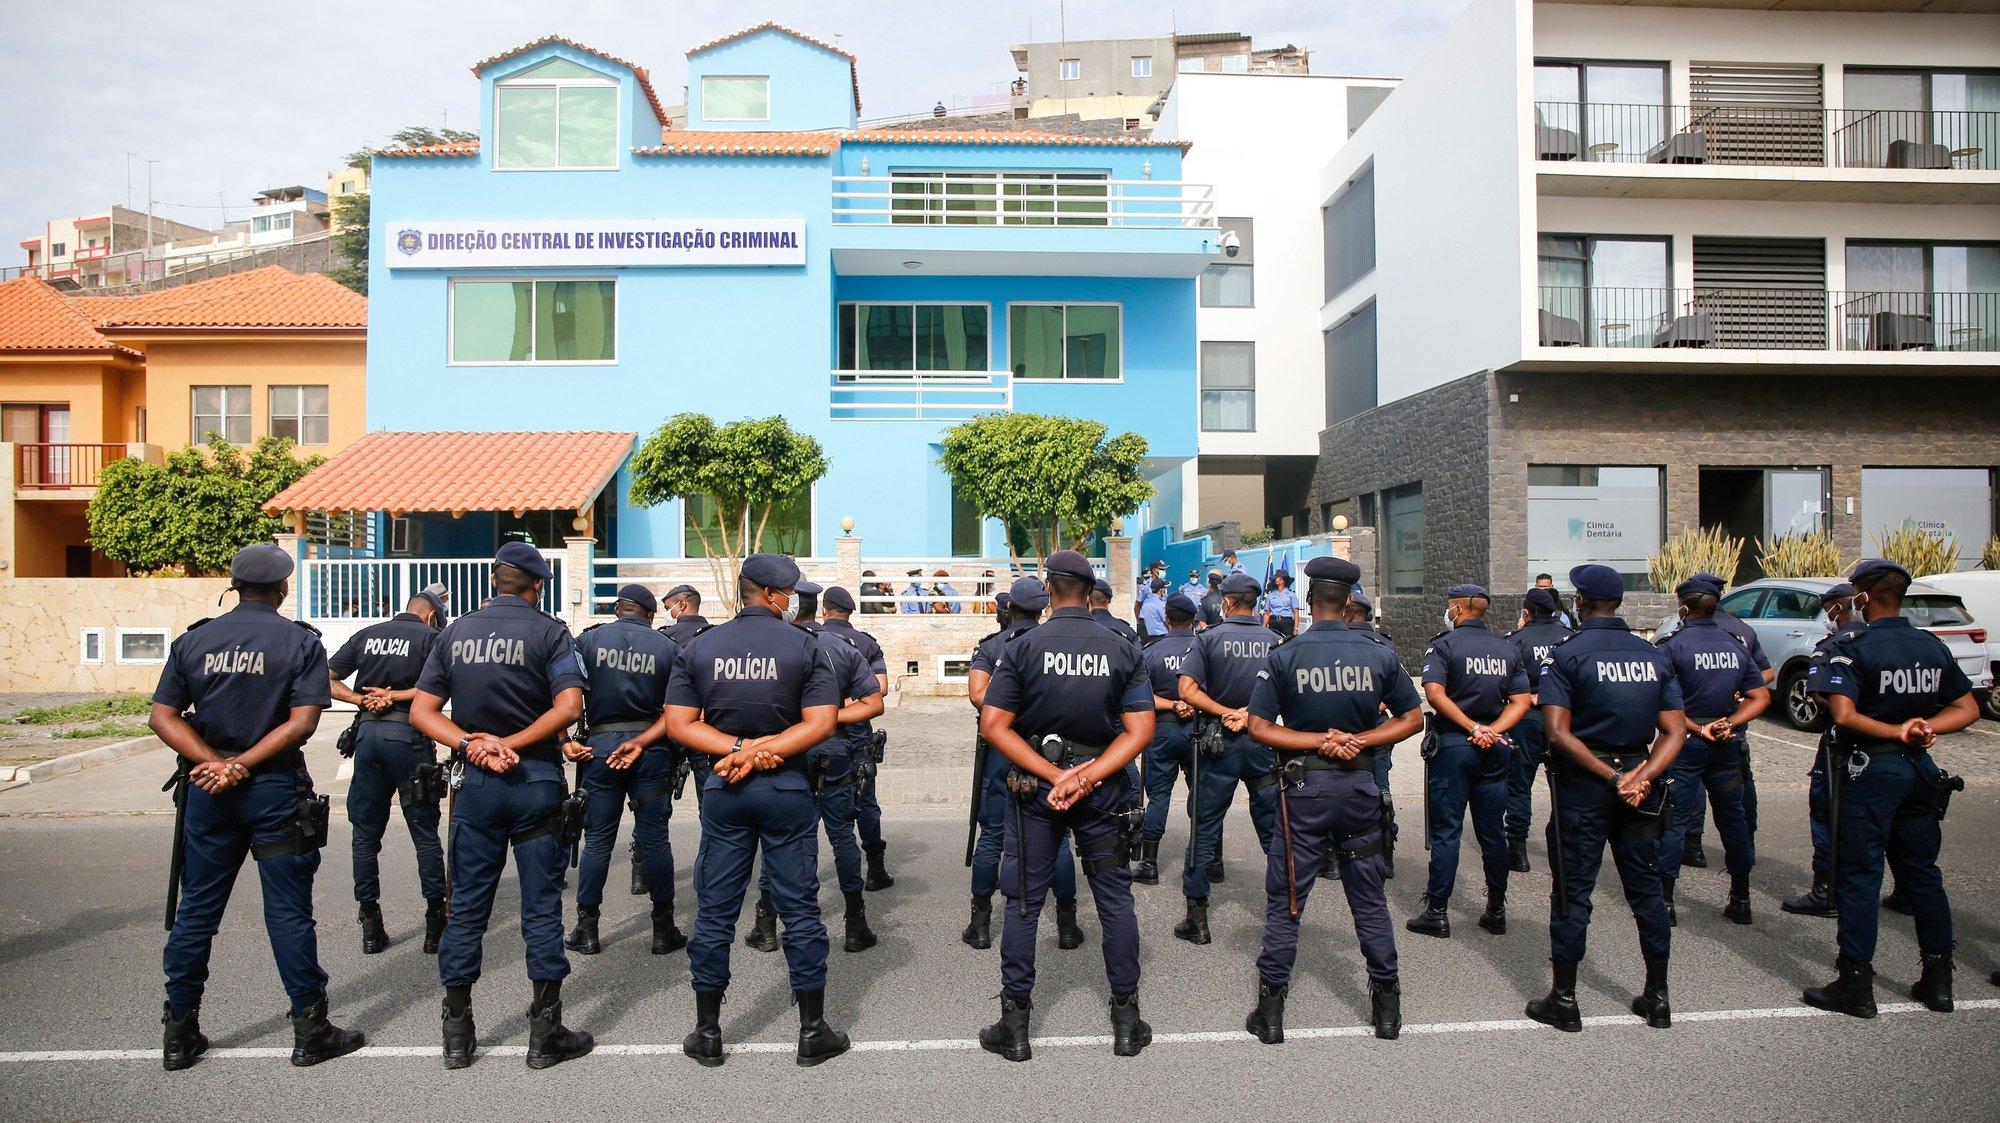 Foi esta manhã inaugurada a sede da Direção Central de Investigação Criminal da Polícia Nacional cabo-verdiana  pelo ministro da Administração Interna de Cabo Verde, Paulo Rocha (ausente da fotografia), na cidade da Praia, Cabo Verde, 09 de fevereiro de 2021. FERNANDO DE PINA/LUSA